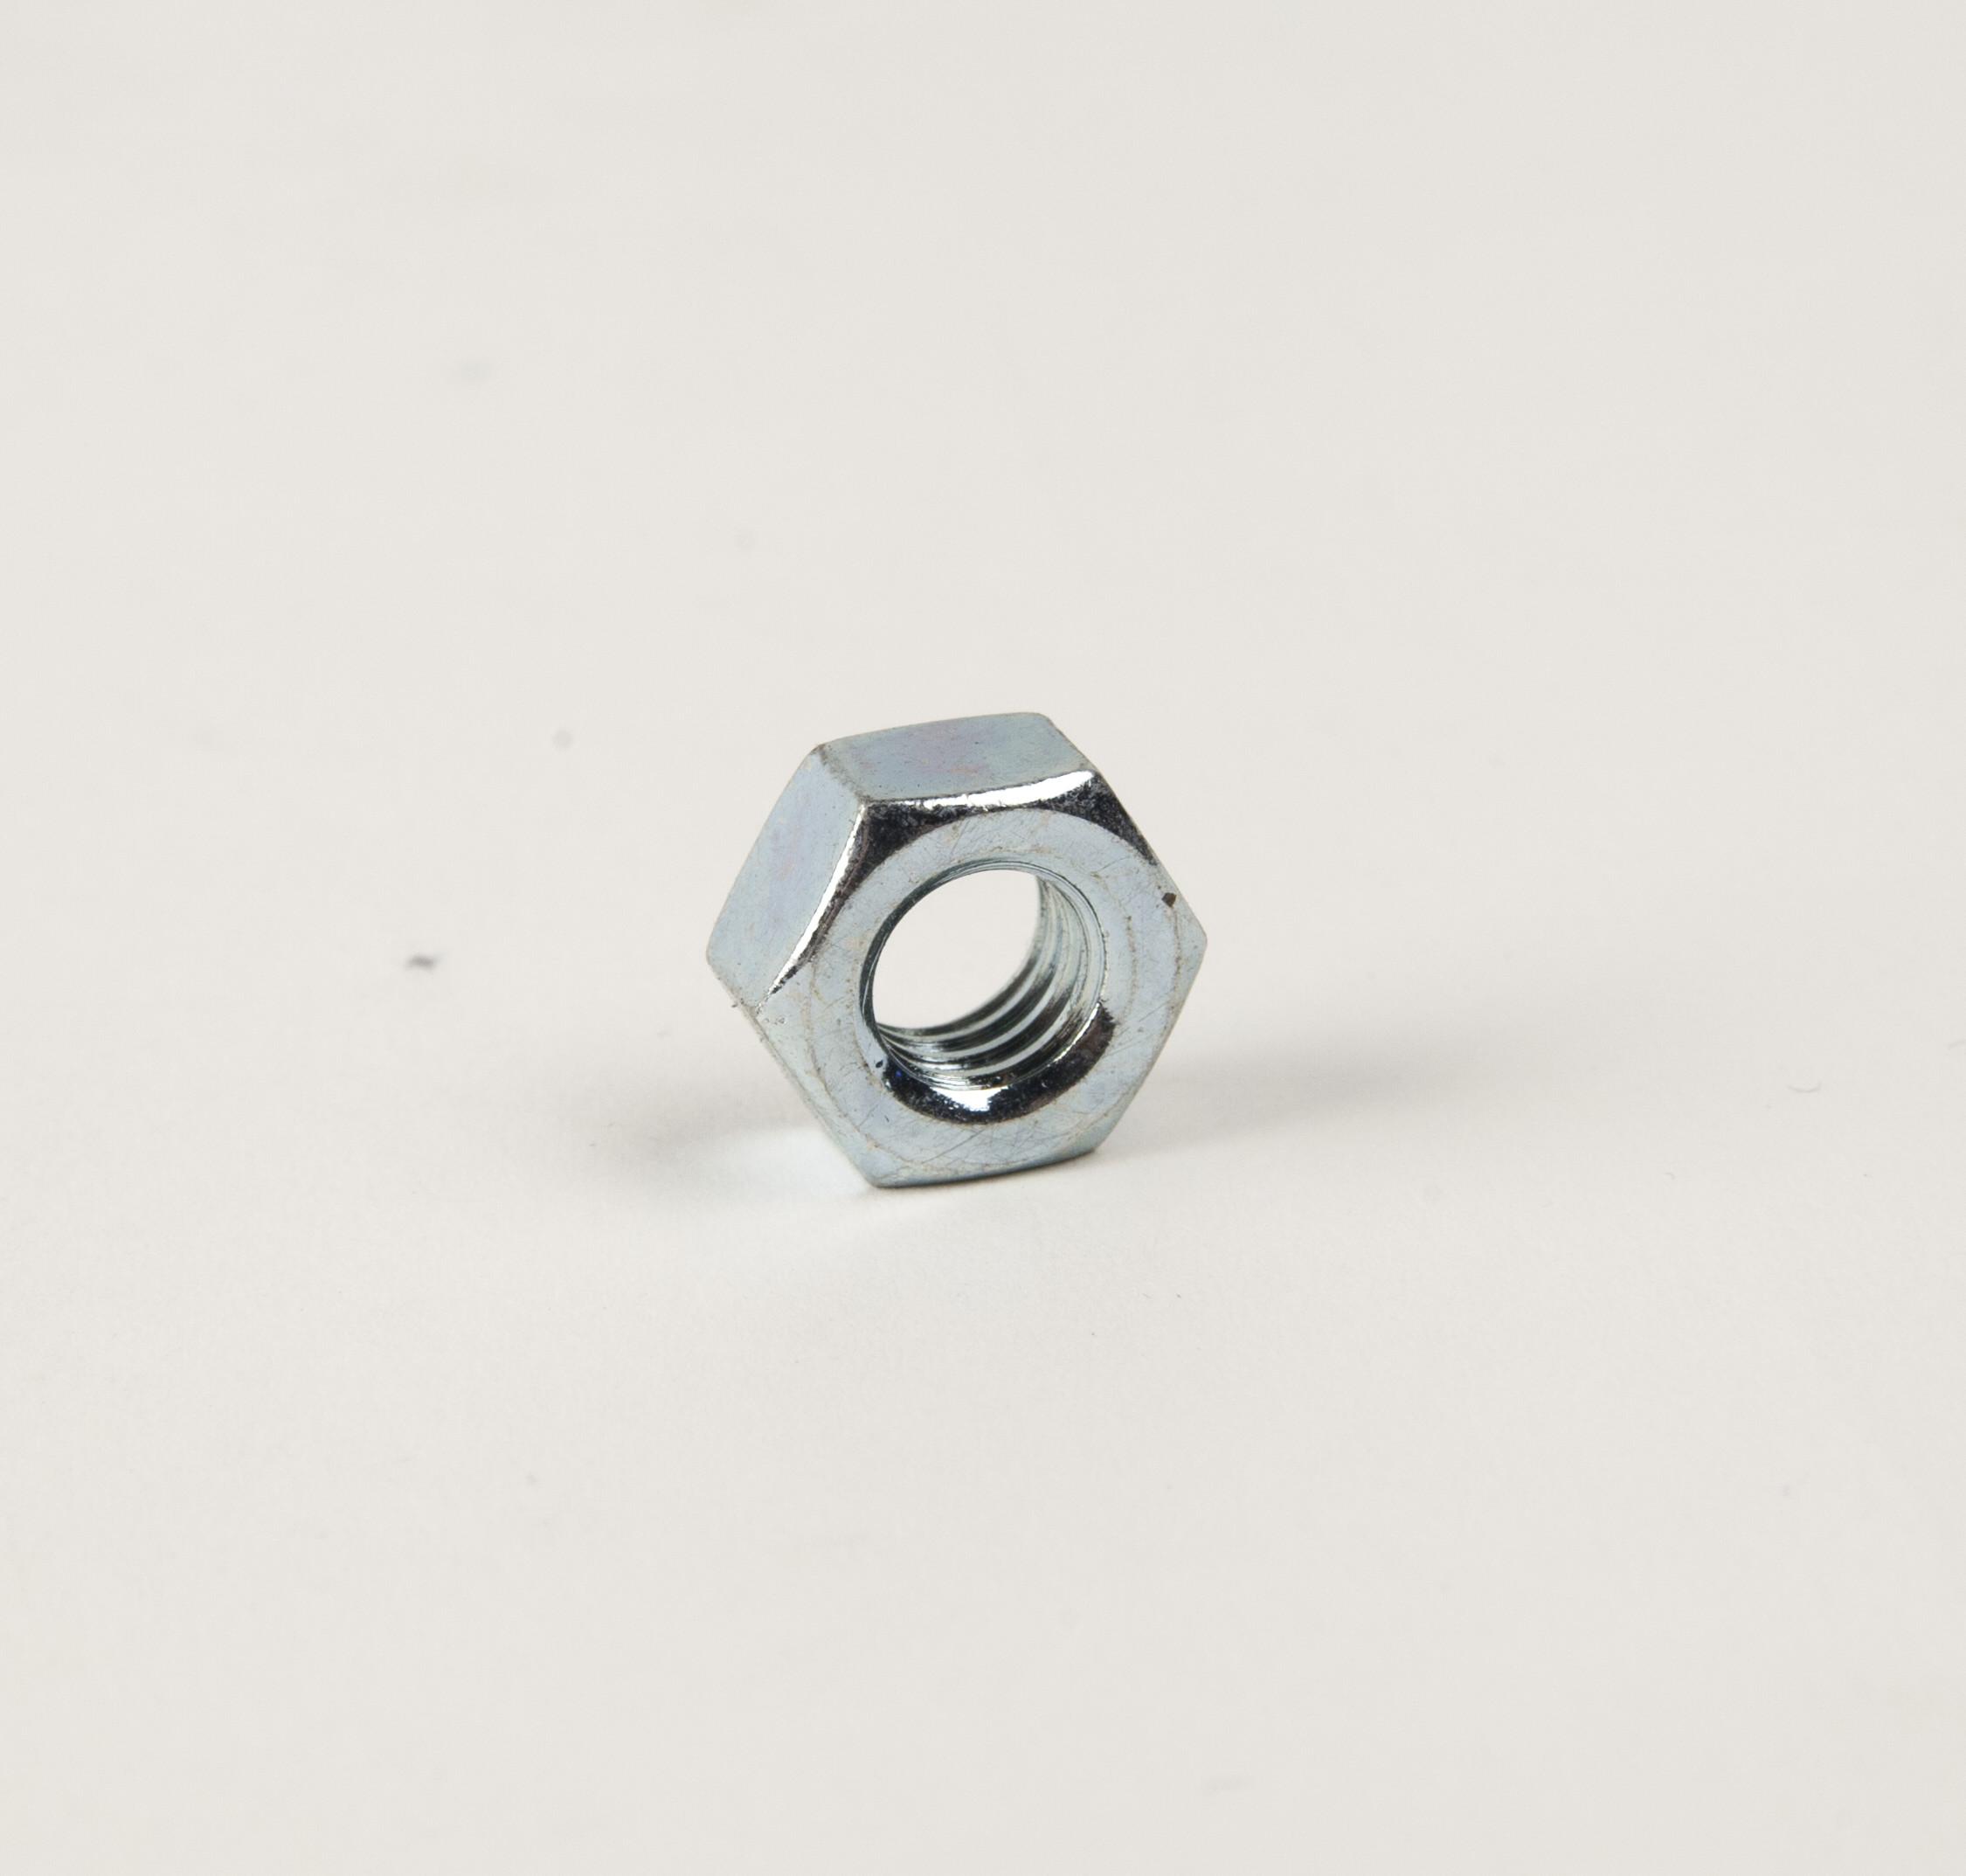 Stainless Steel Sprayer Plunger Nut